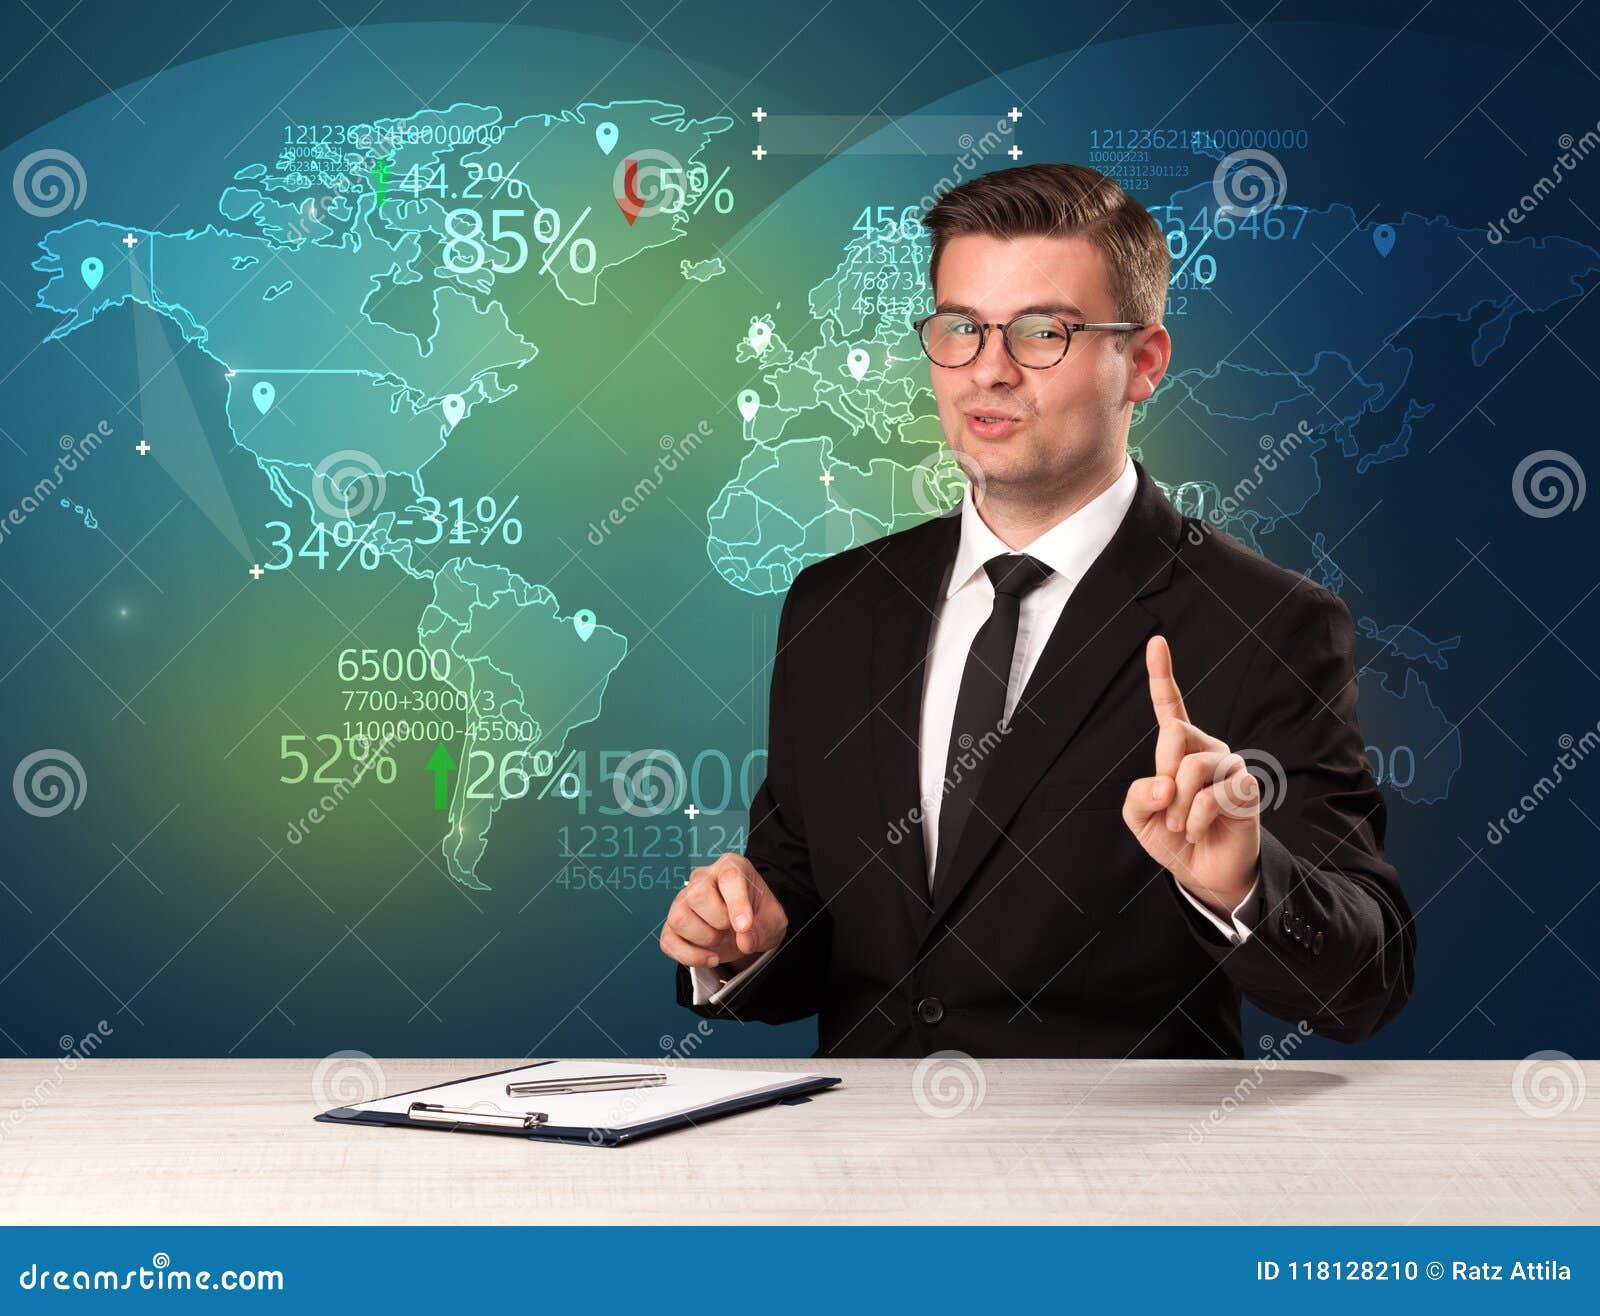 El analista de mercado comercial es noticias del comercio mundial de la información del estudio con concepto del mapa